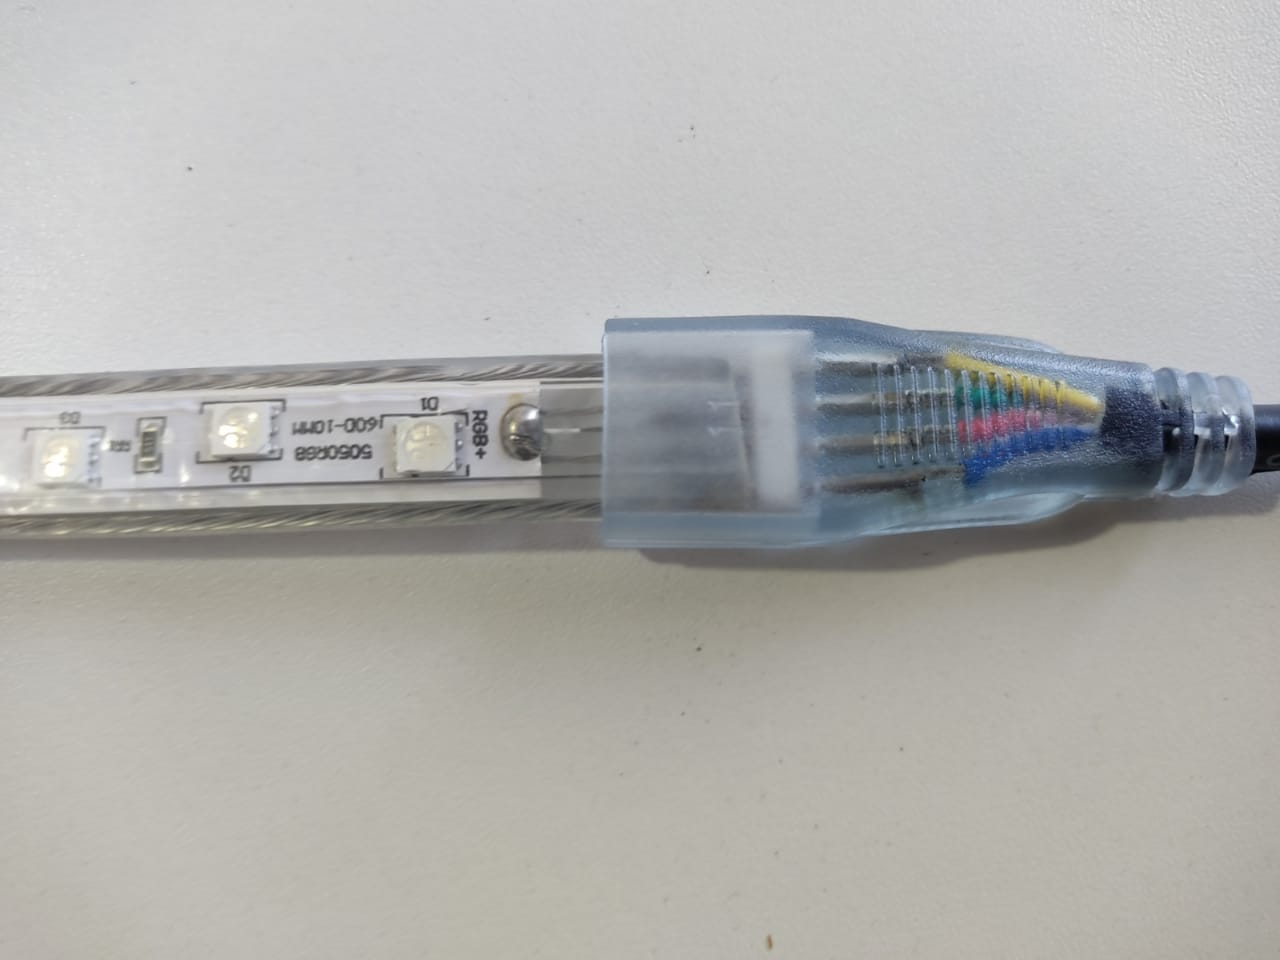 Fita LED RGB 5050 18m Premium Grossa Resistente C/ Fonte